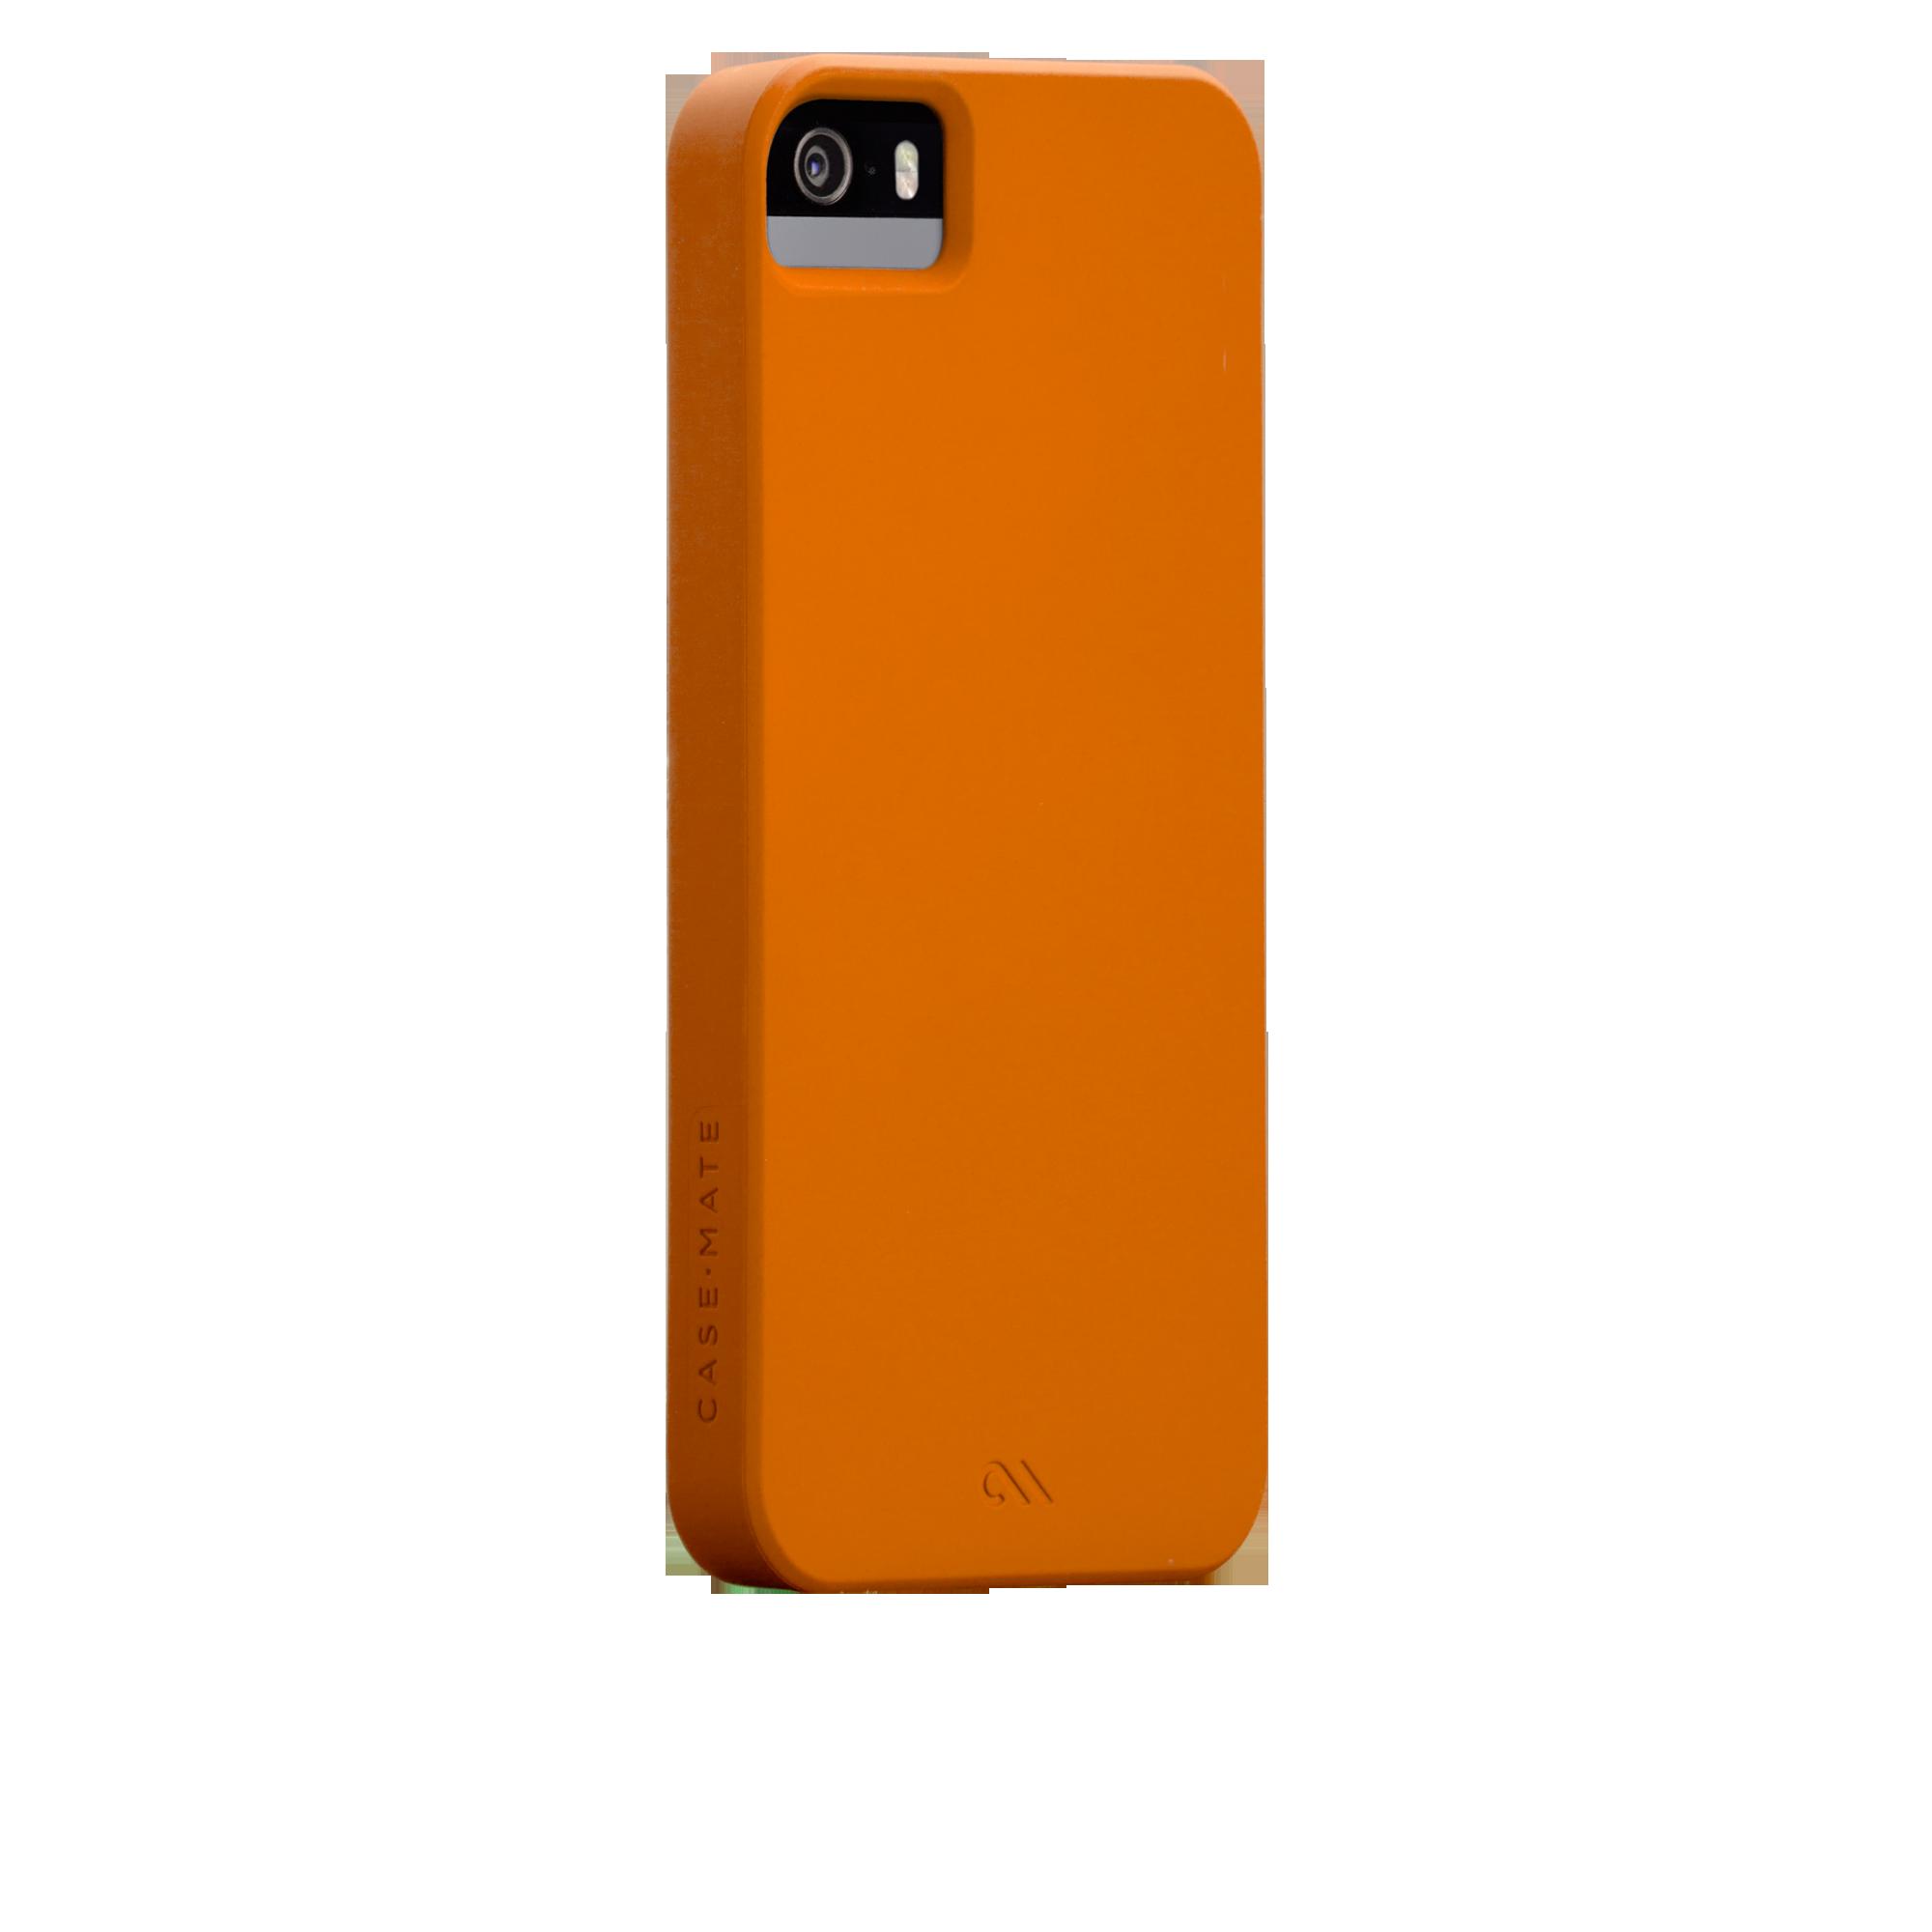 Barely There Case - Tangerine Tango Orange